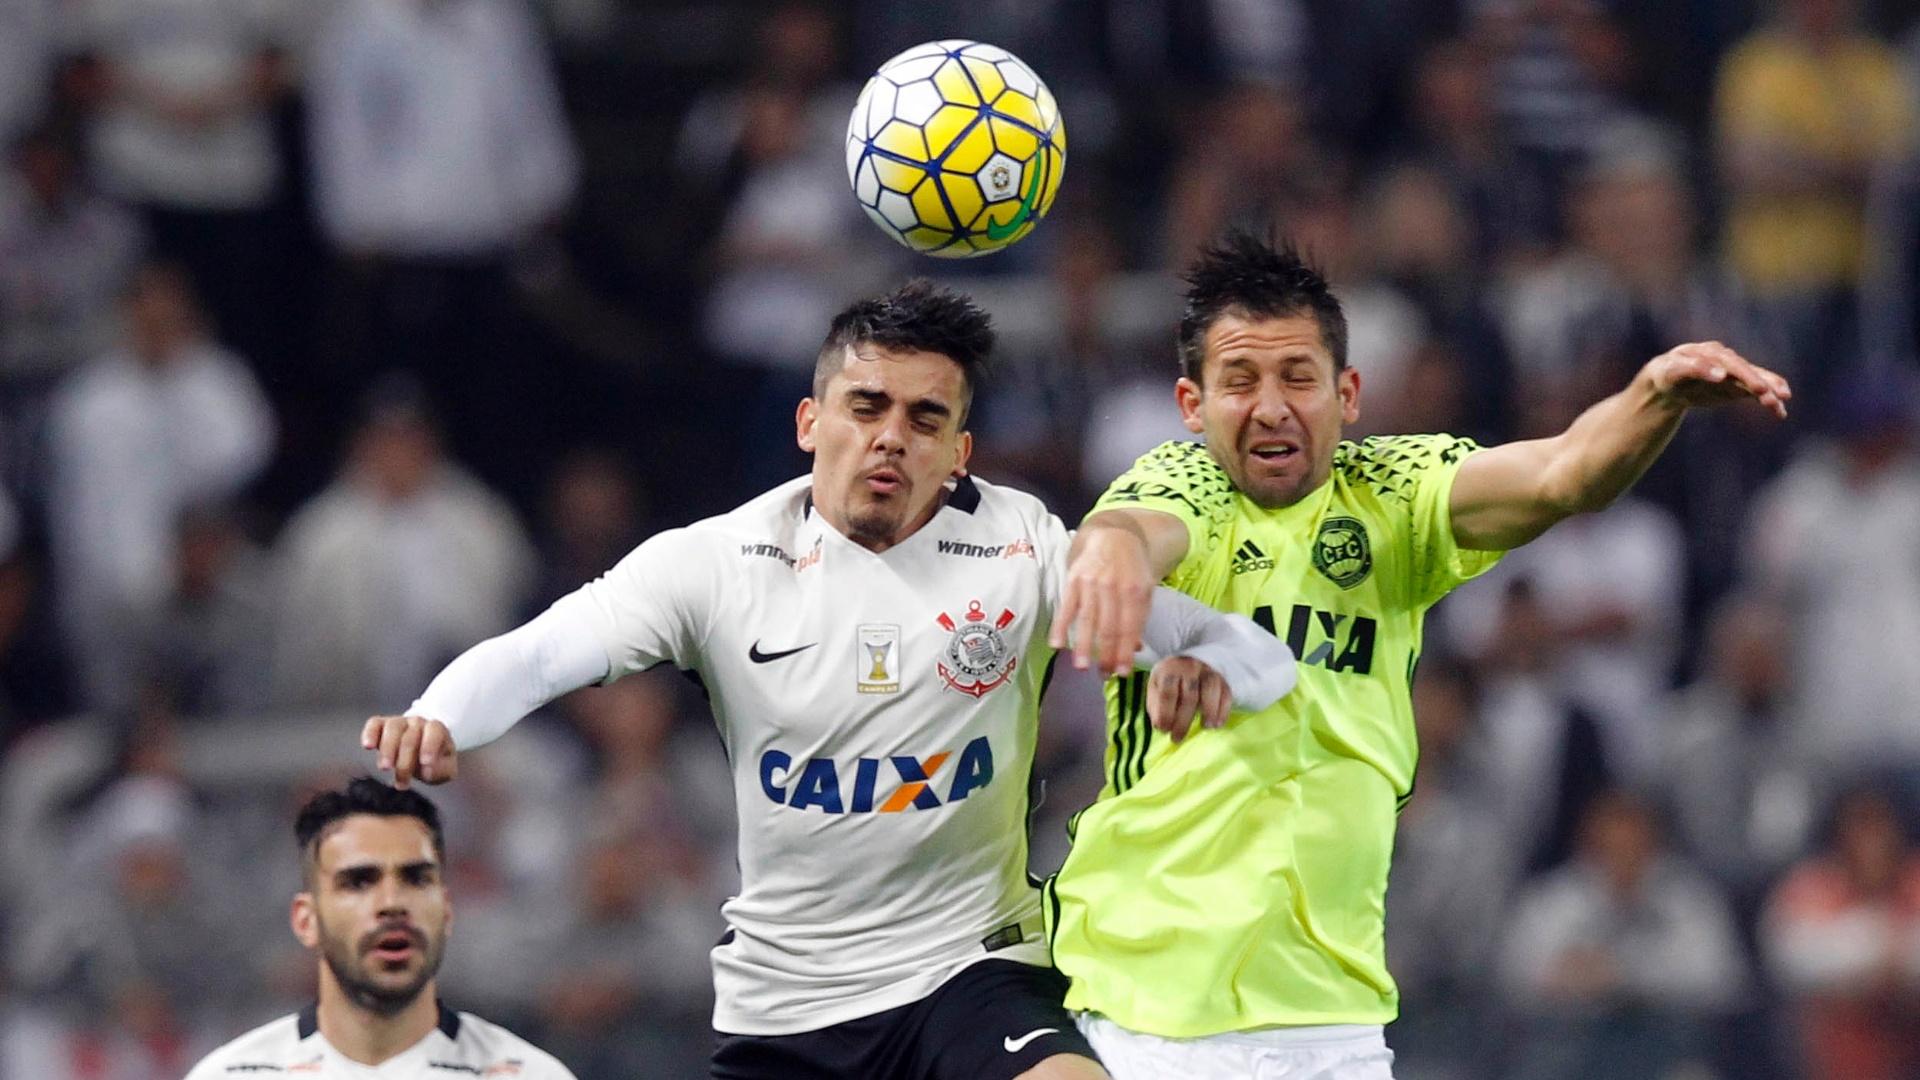 Fagner disputa bola pelo alto na partida do Corinthians contra o Coritiba, no Brasileirão